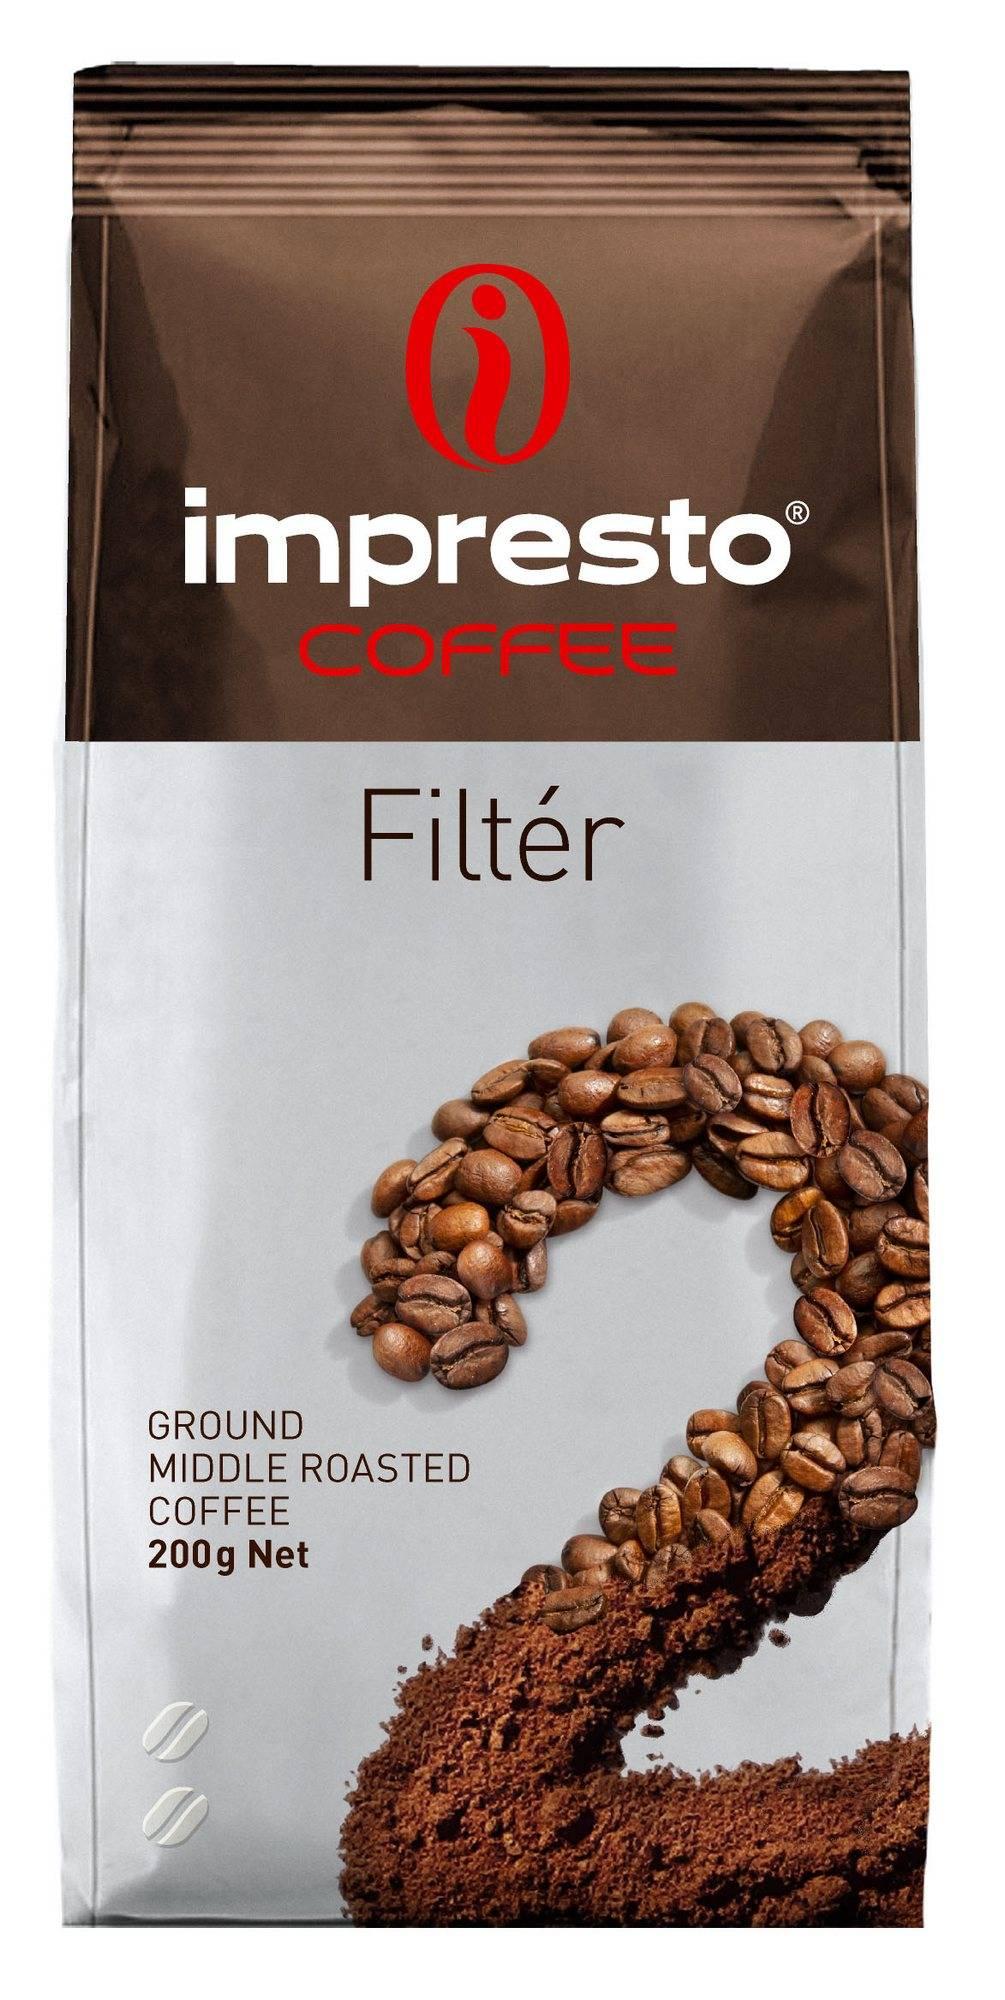 Кофе impresto (импресто) - бренд, ассортимент, отзывы, цены